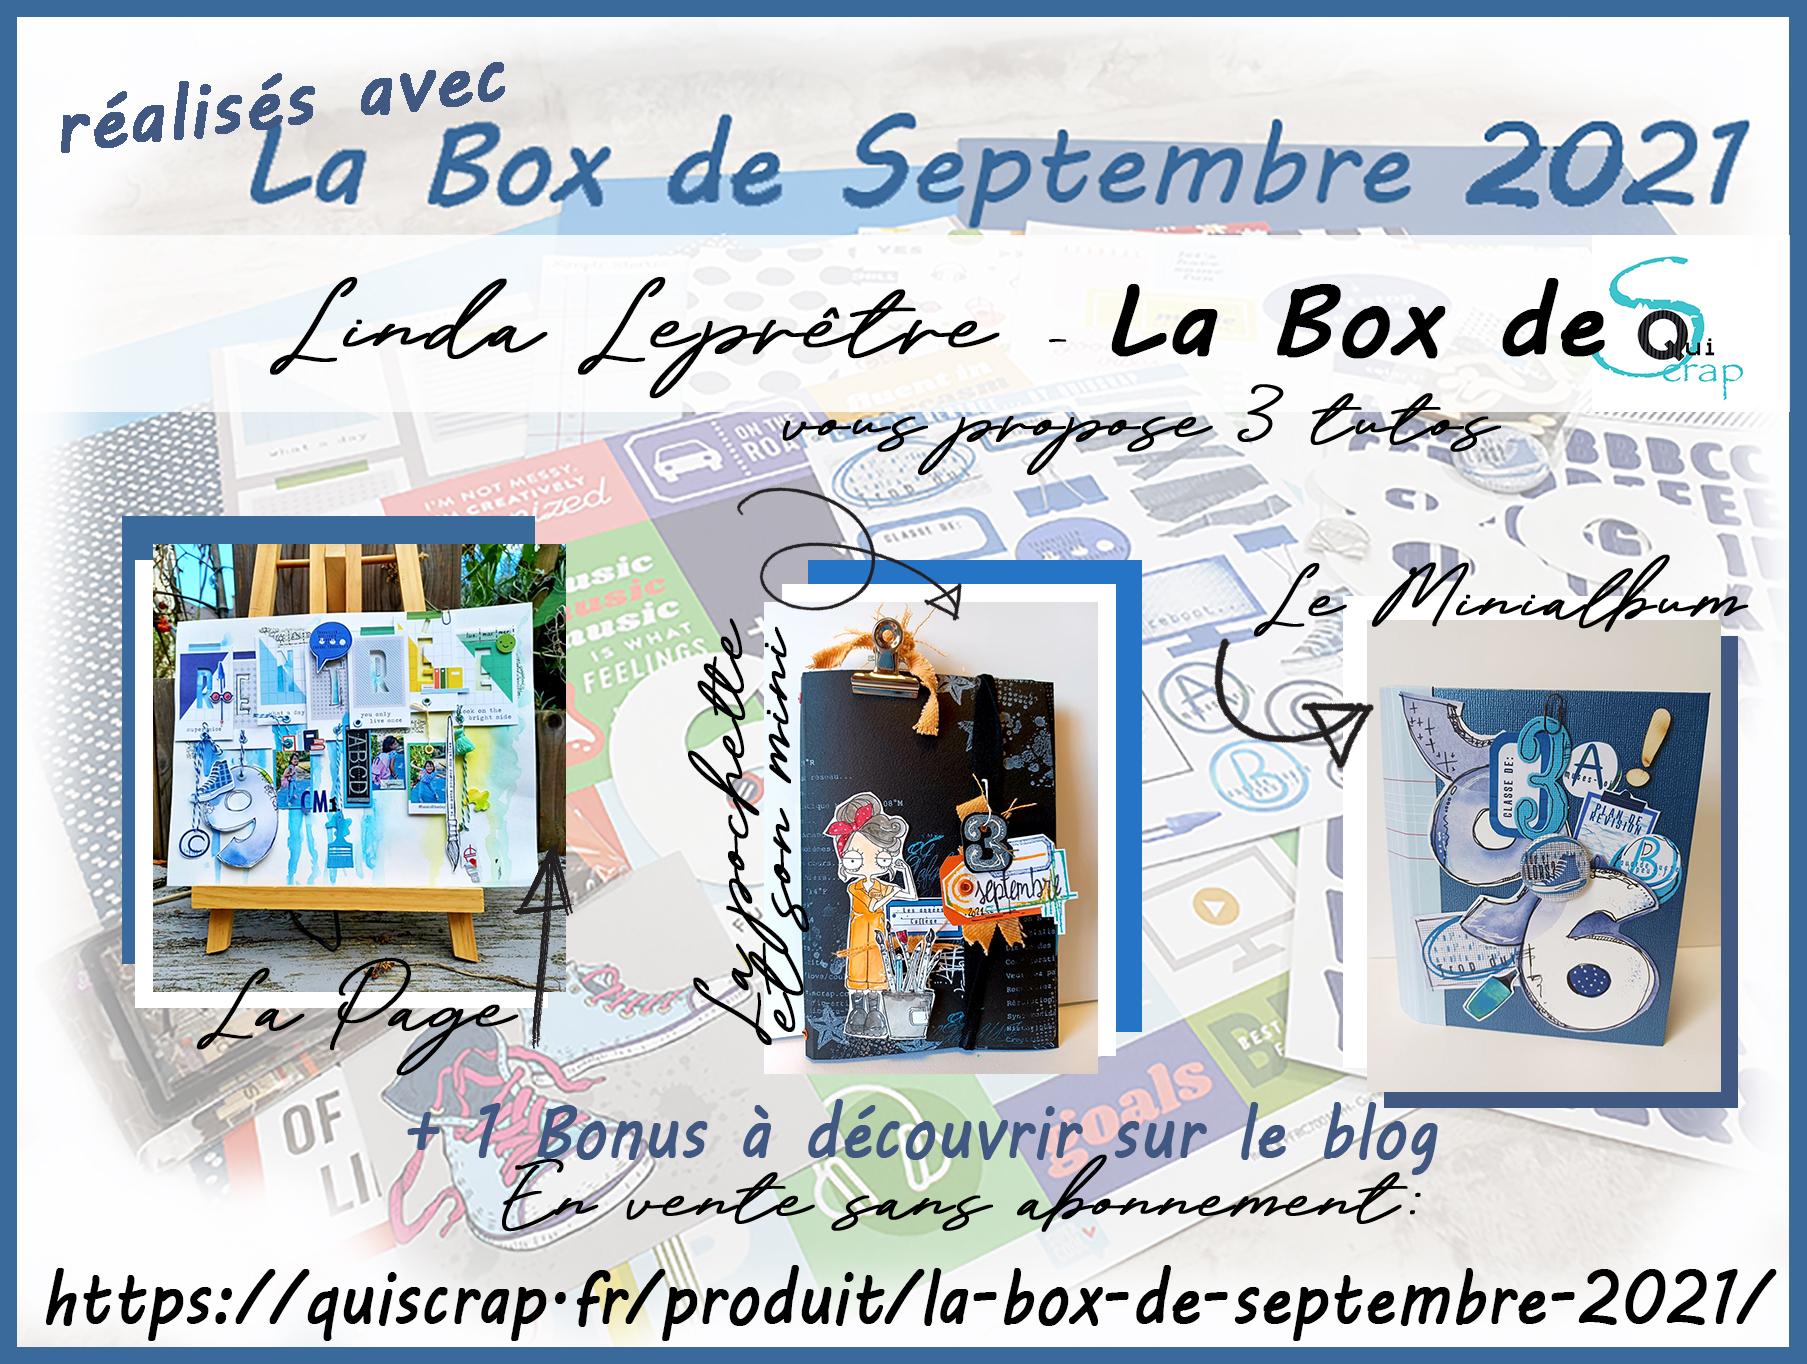 ***Récapitulatif La Box de Septembre 2021 par Linda Leprêtre***